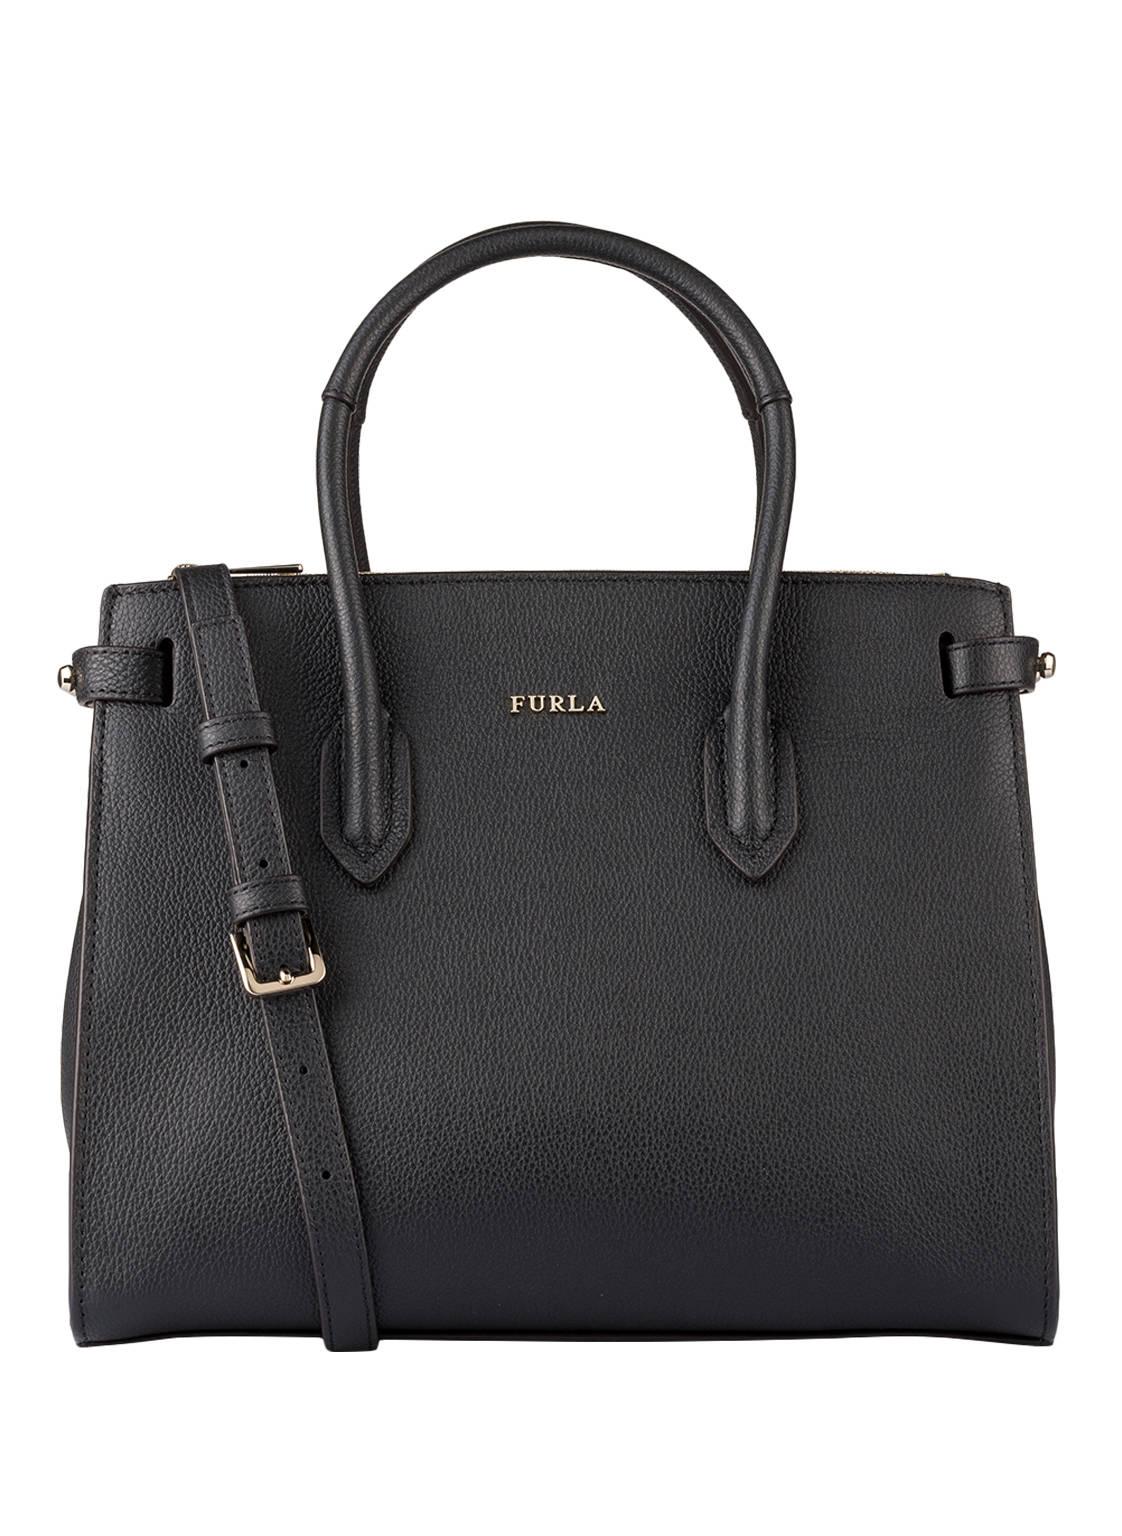 FURLA Handtasche PIN